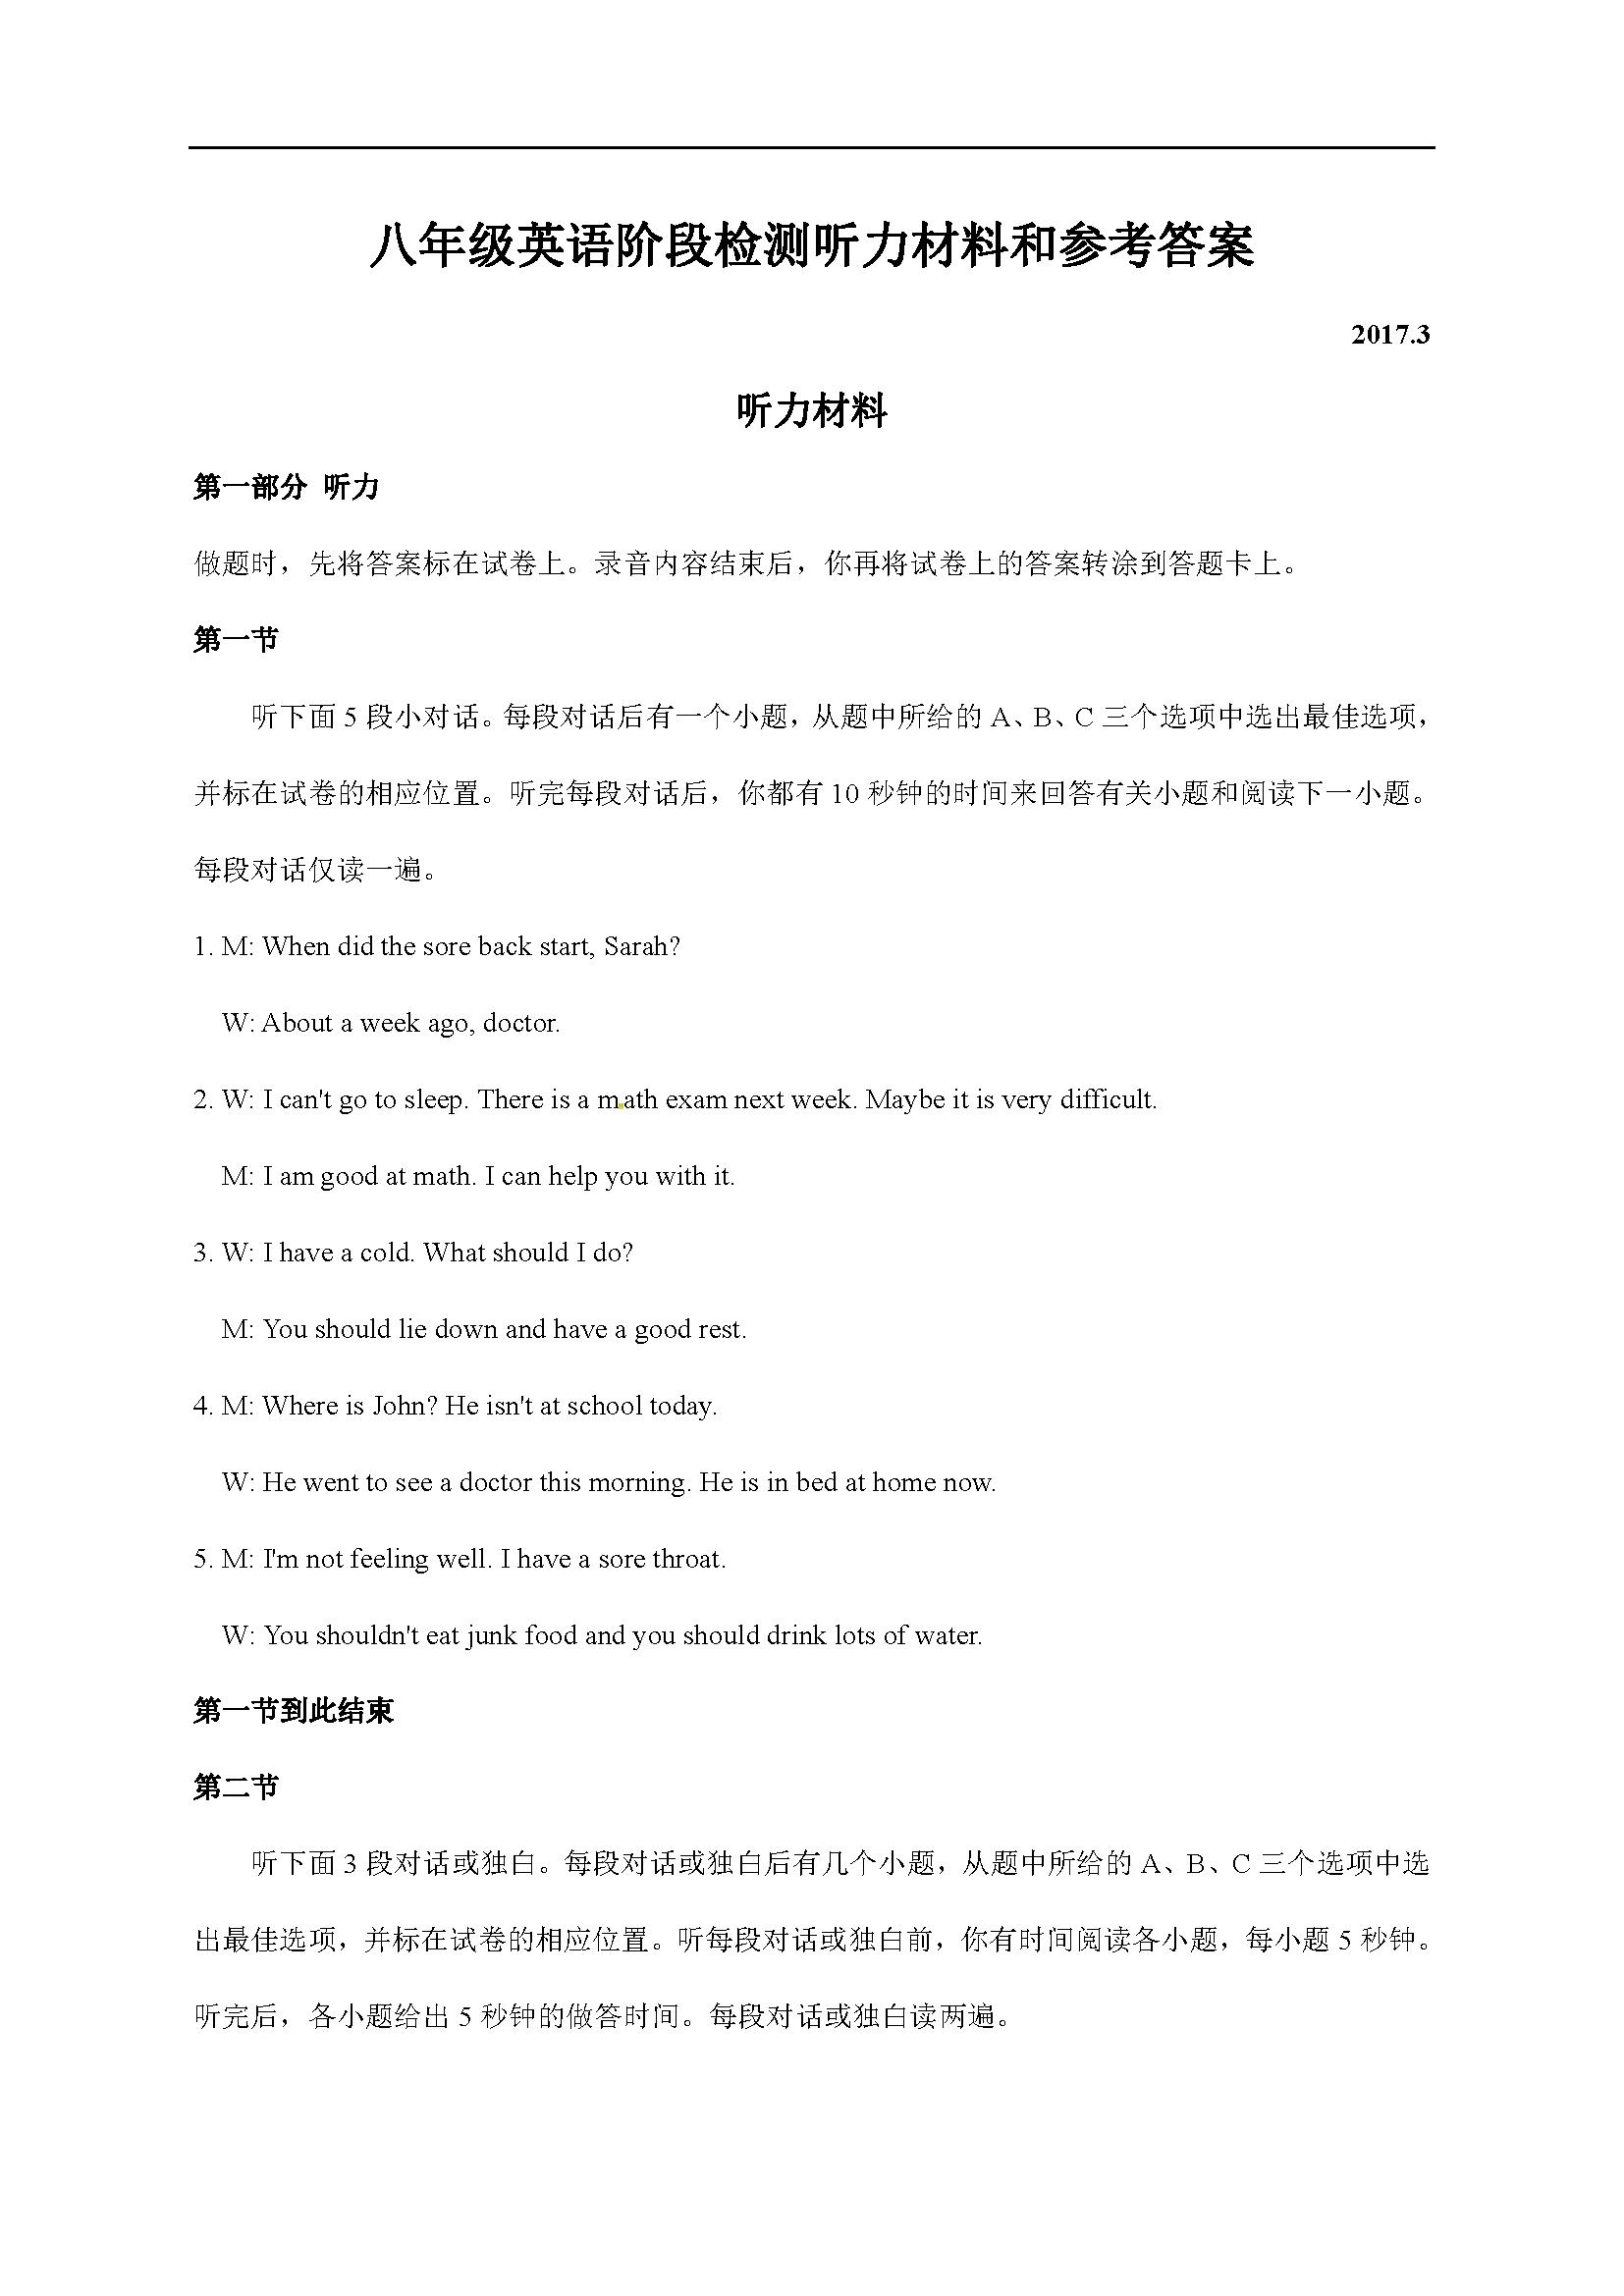 浙江杭州萧山戴村片2016-2017八年级3月月考英语试题答案(Word版)